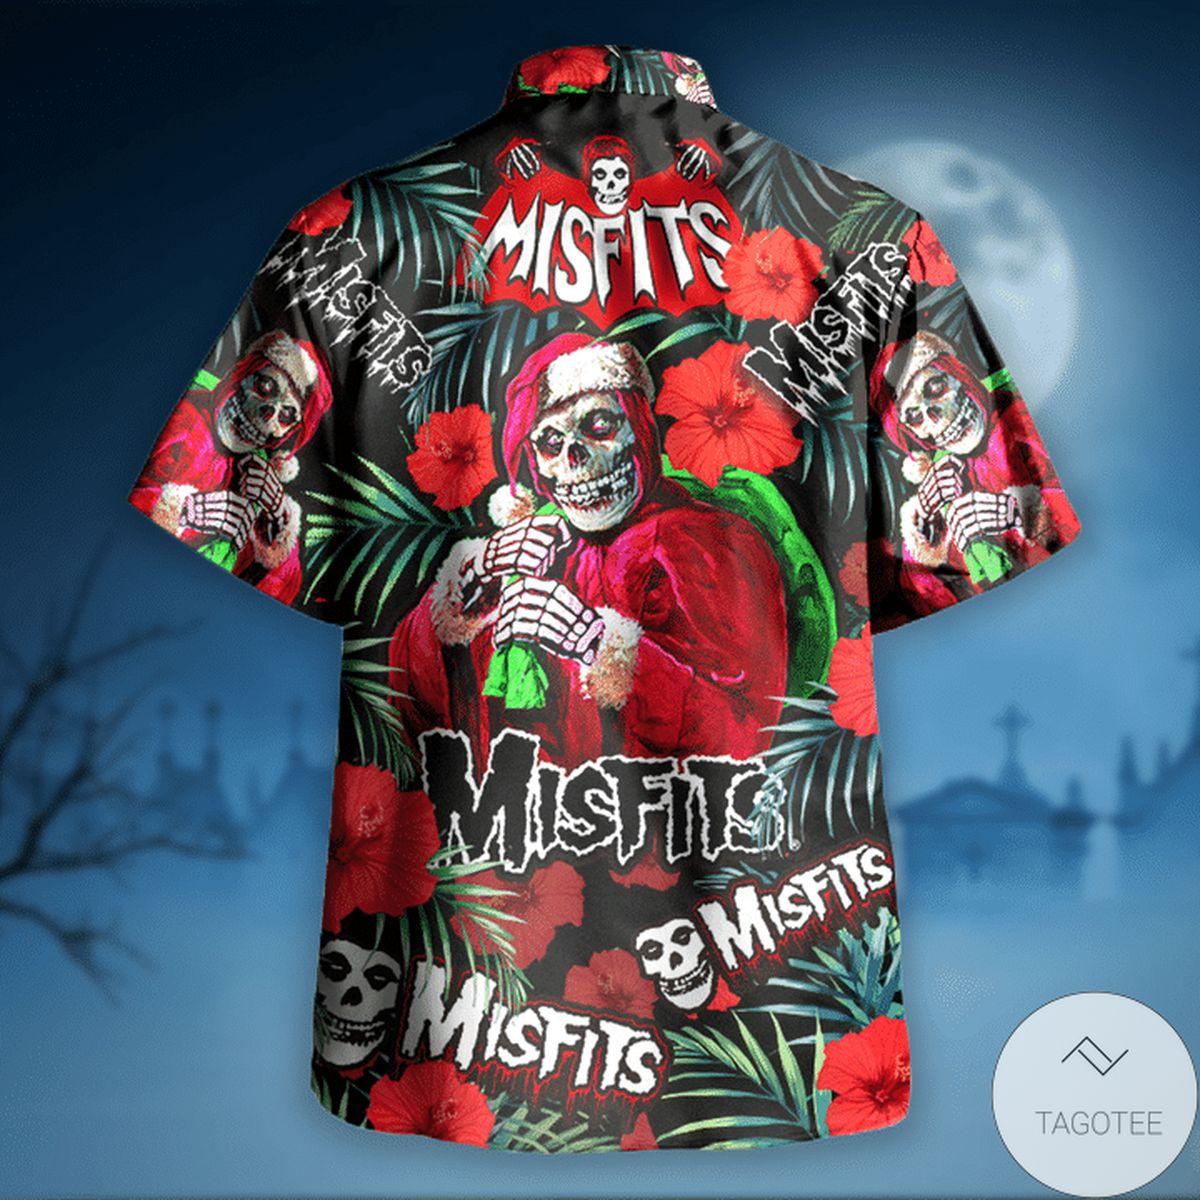 Misfits Wants Your Skulls Hawaiian Shirt